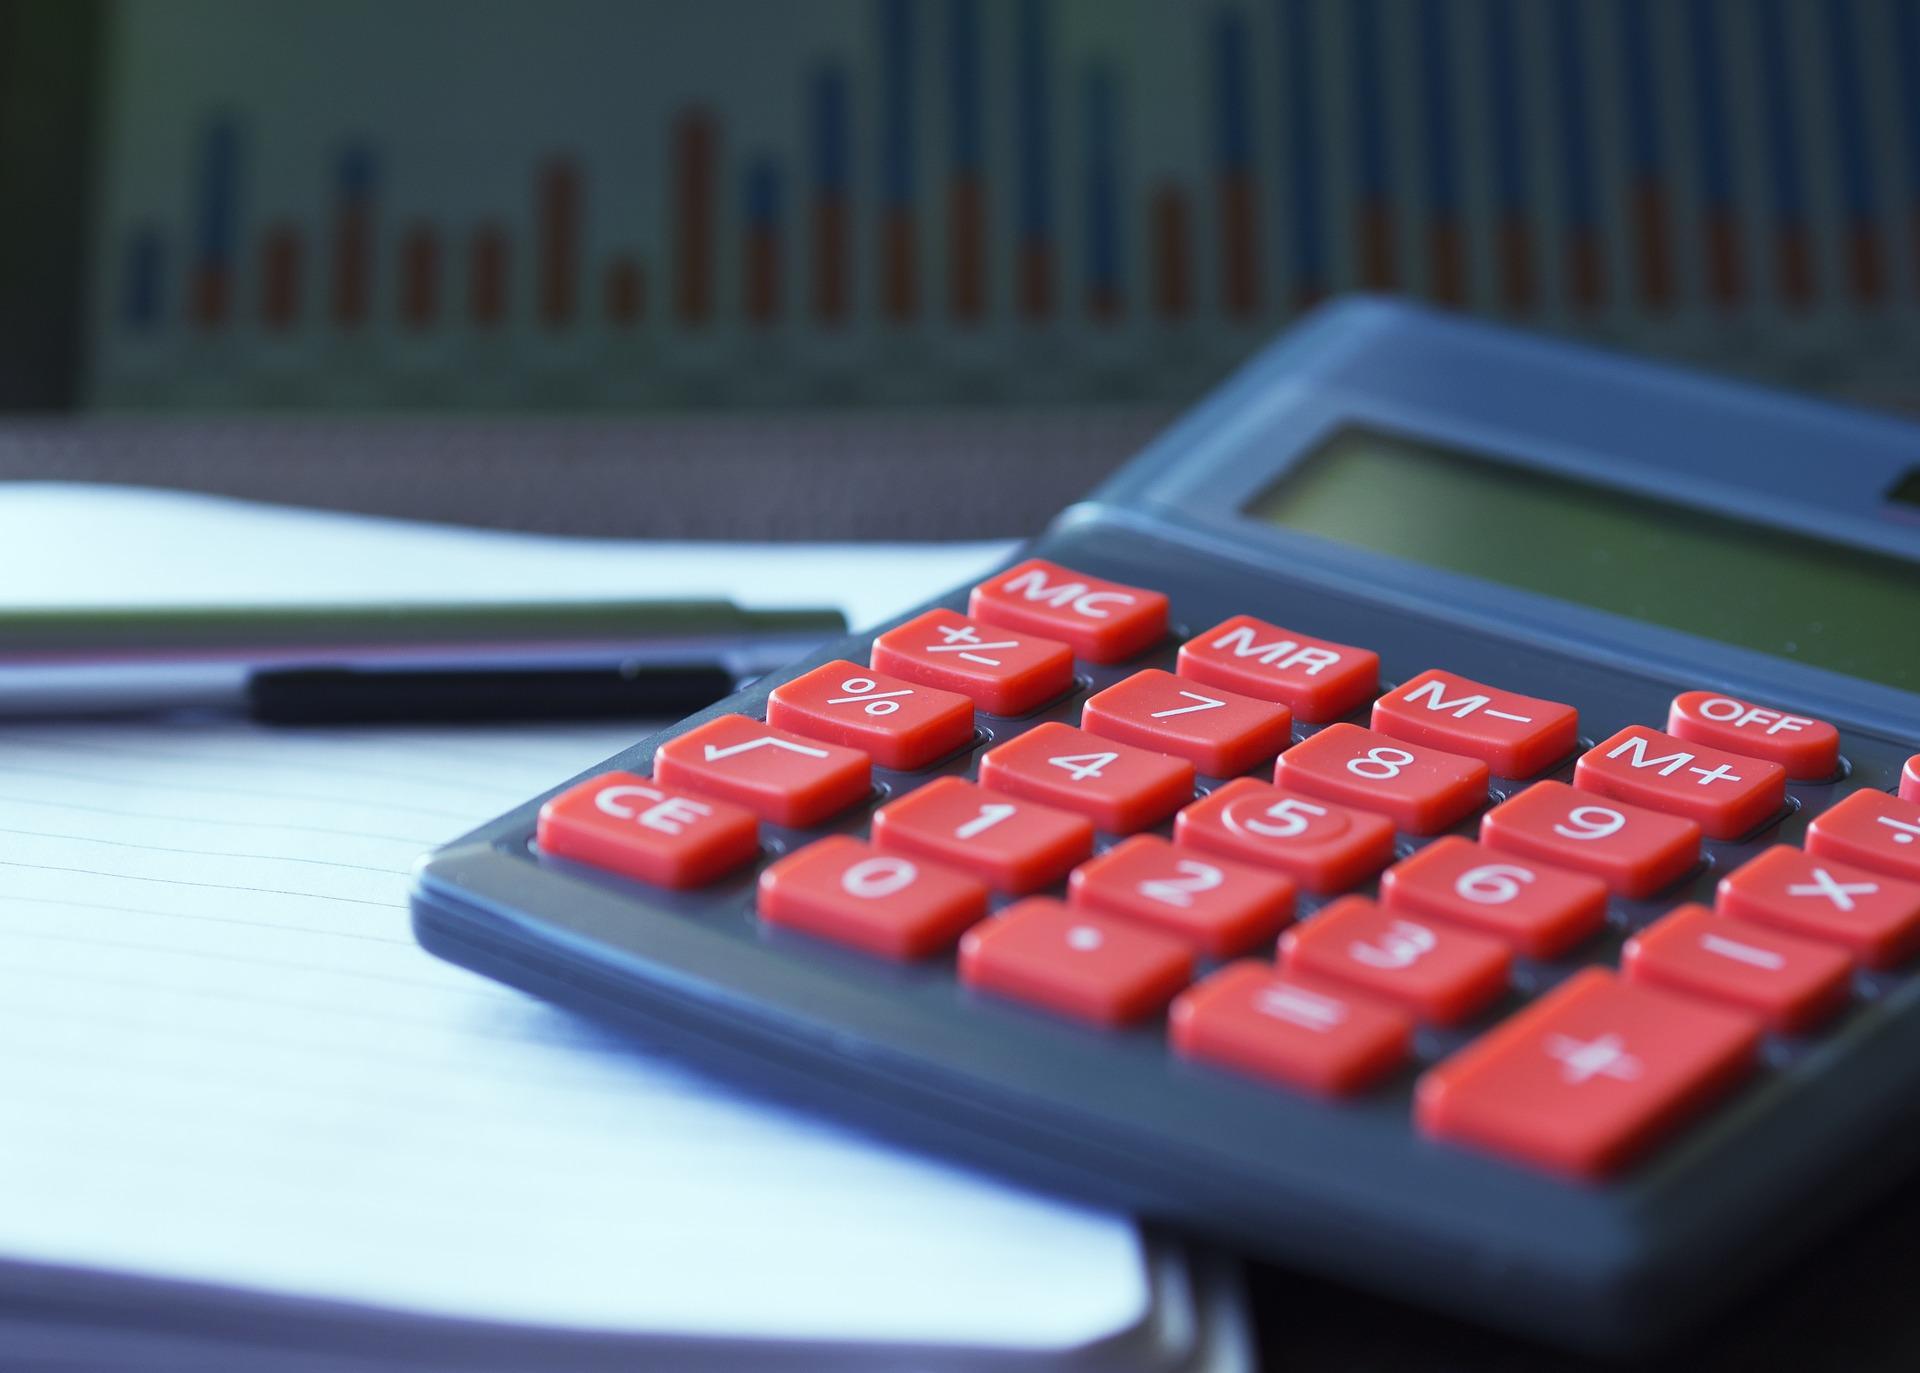 Quelles sont les assurances professionnelles indispensables dans le milieu du BTP?